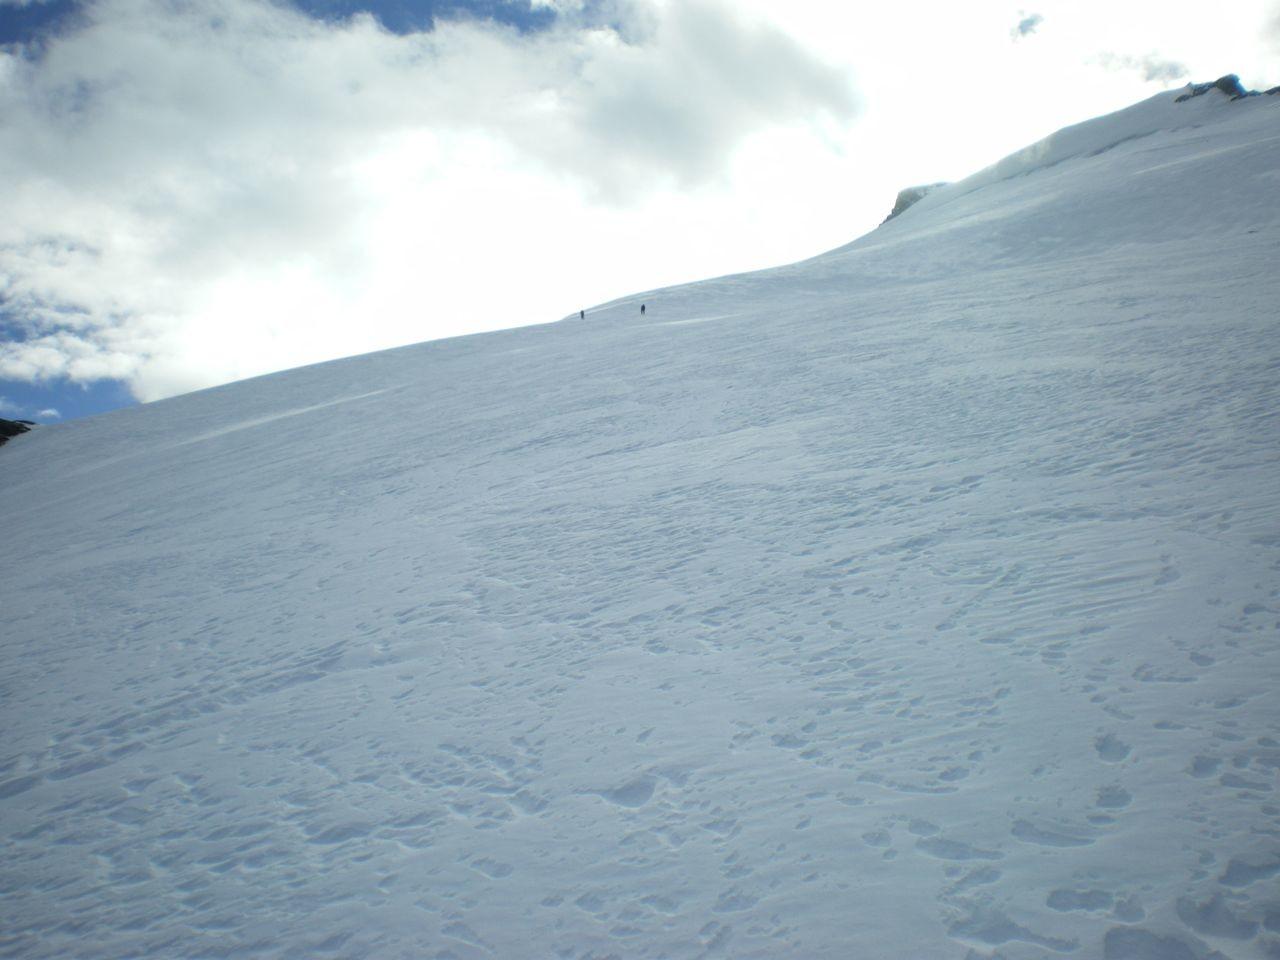 avant d'entamer la dernière section du glacier en pente plus raide et glace vive